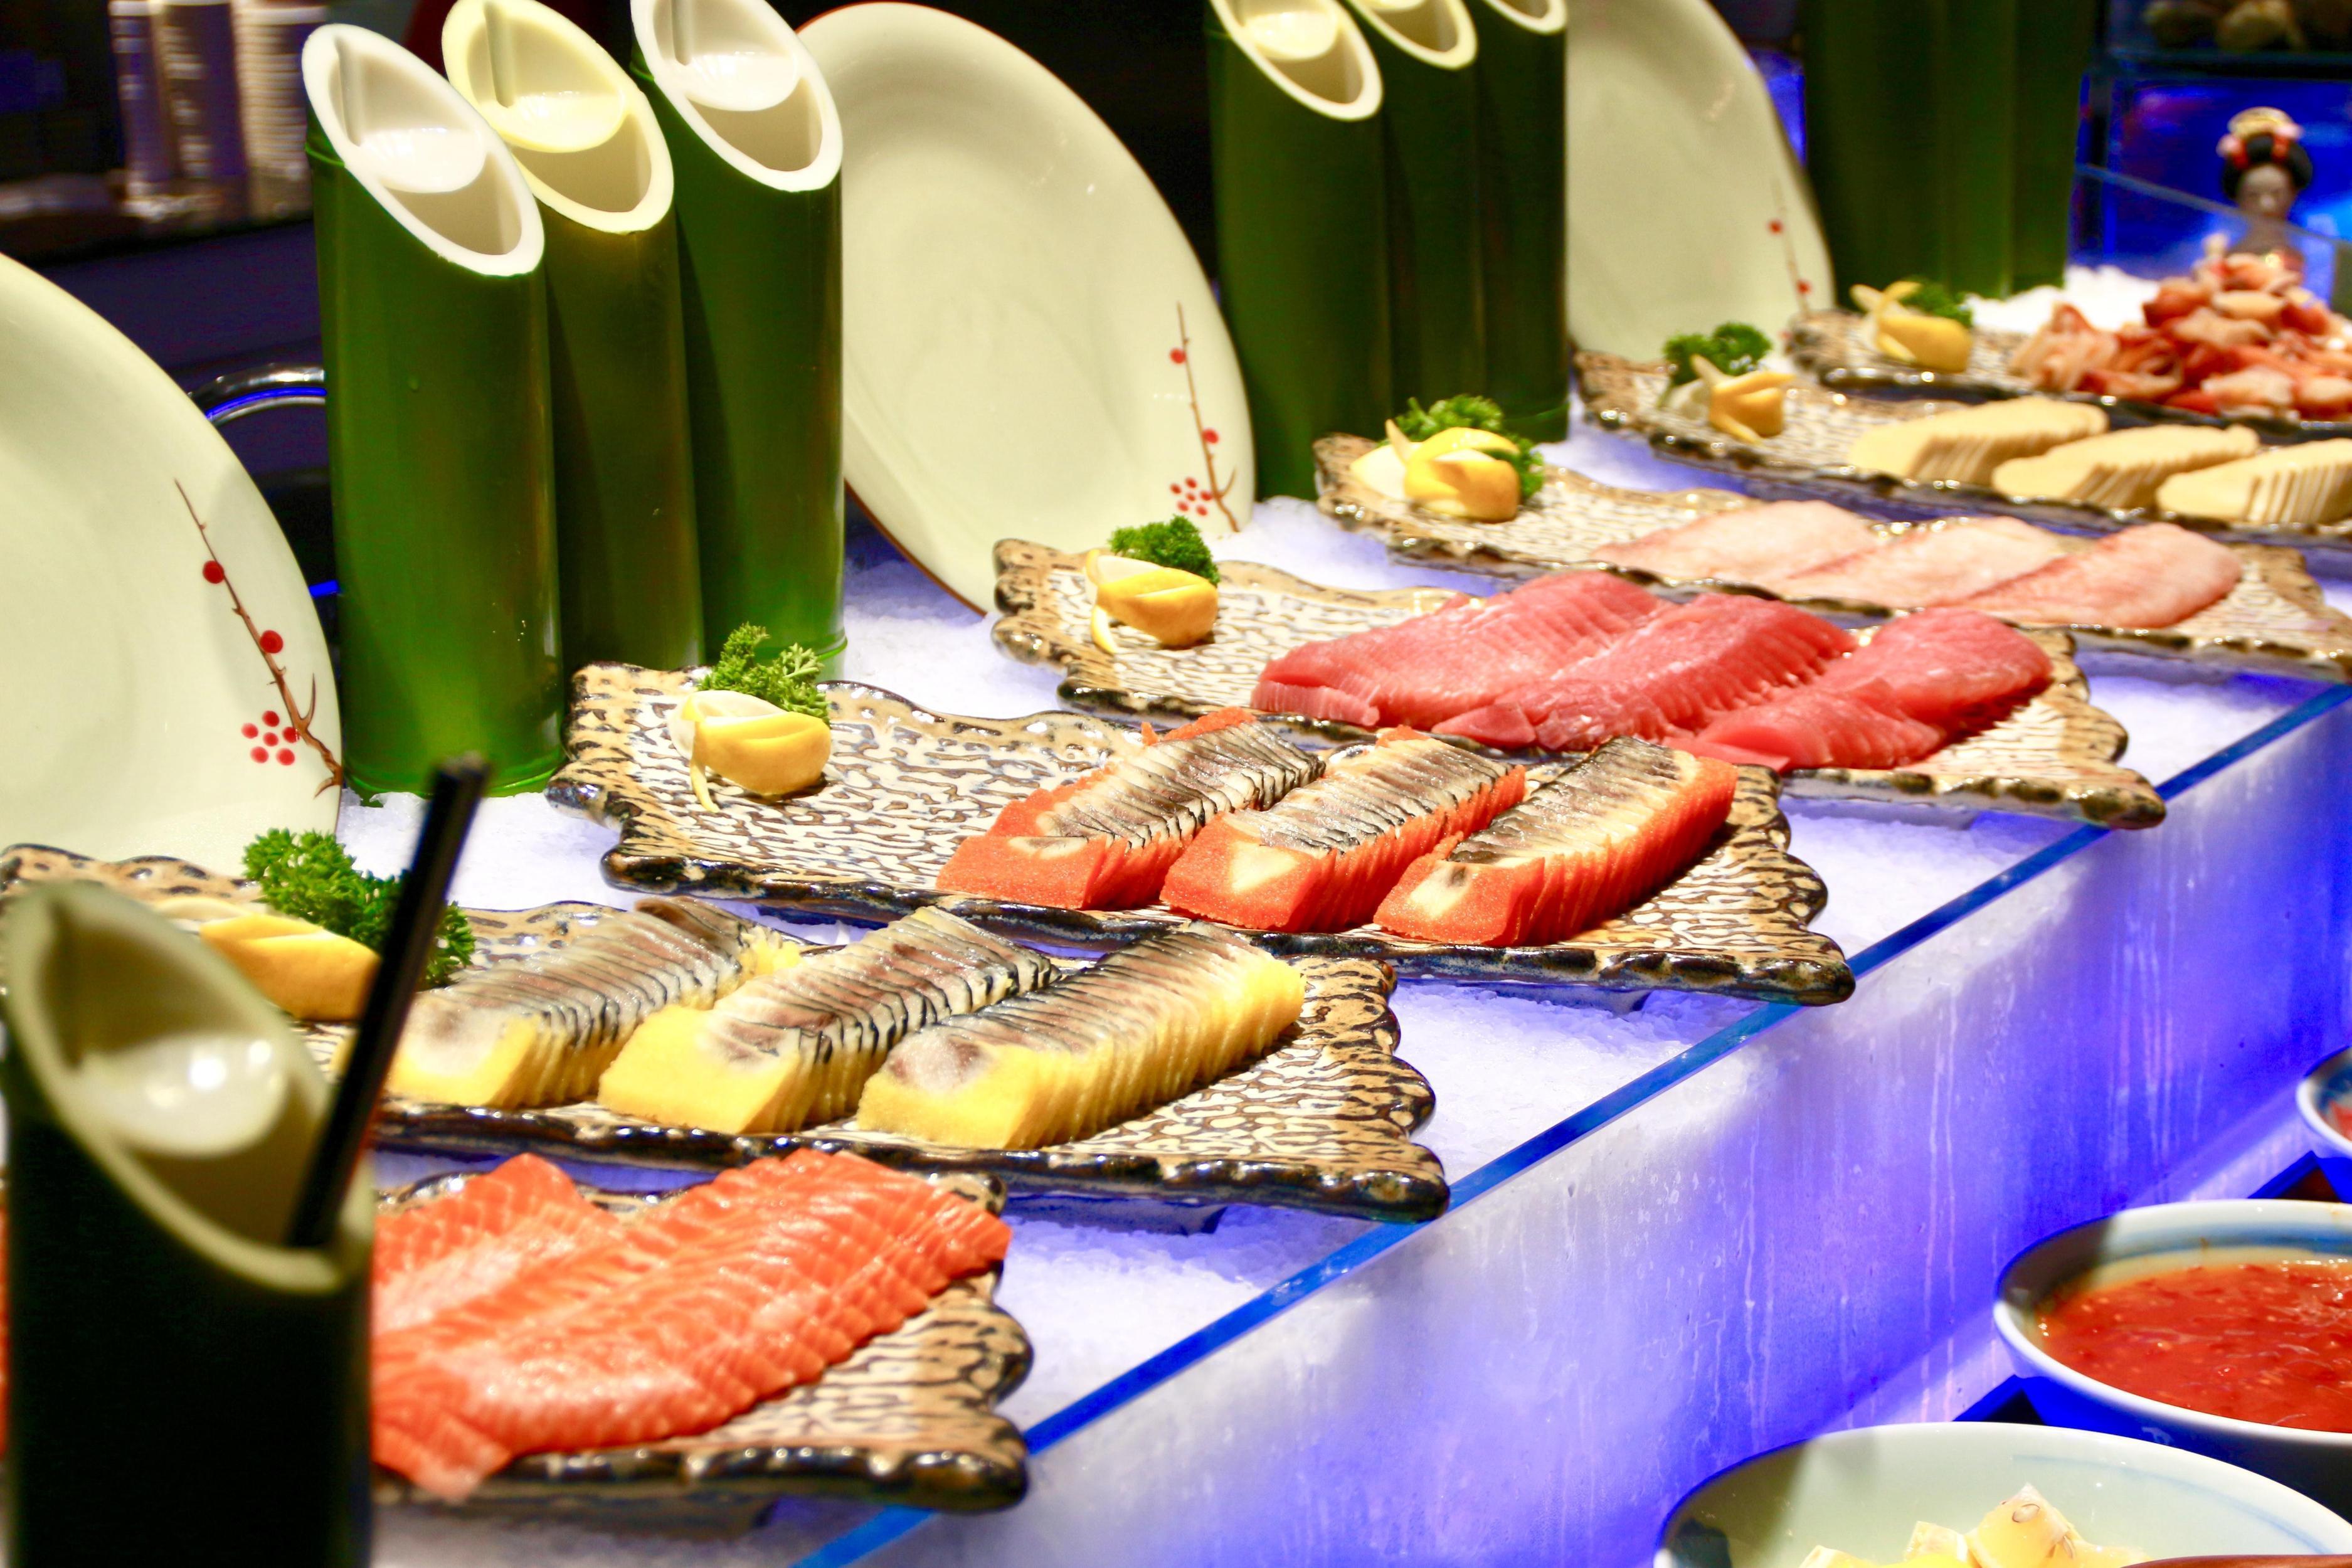 海鲜餐厅装修效果图大全集